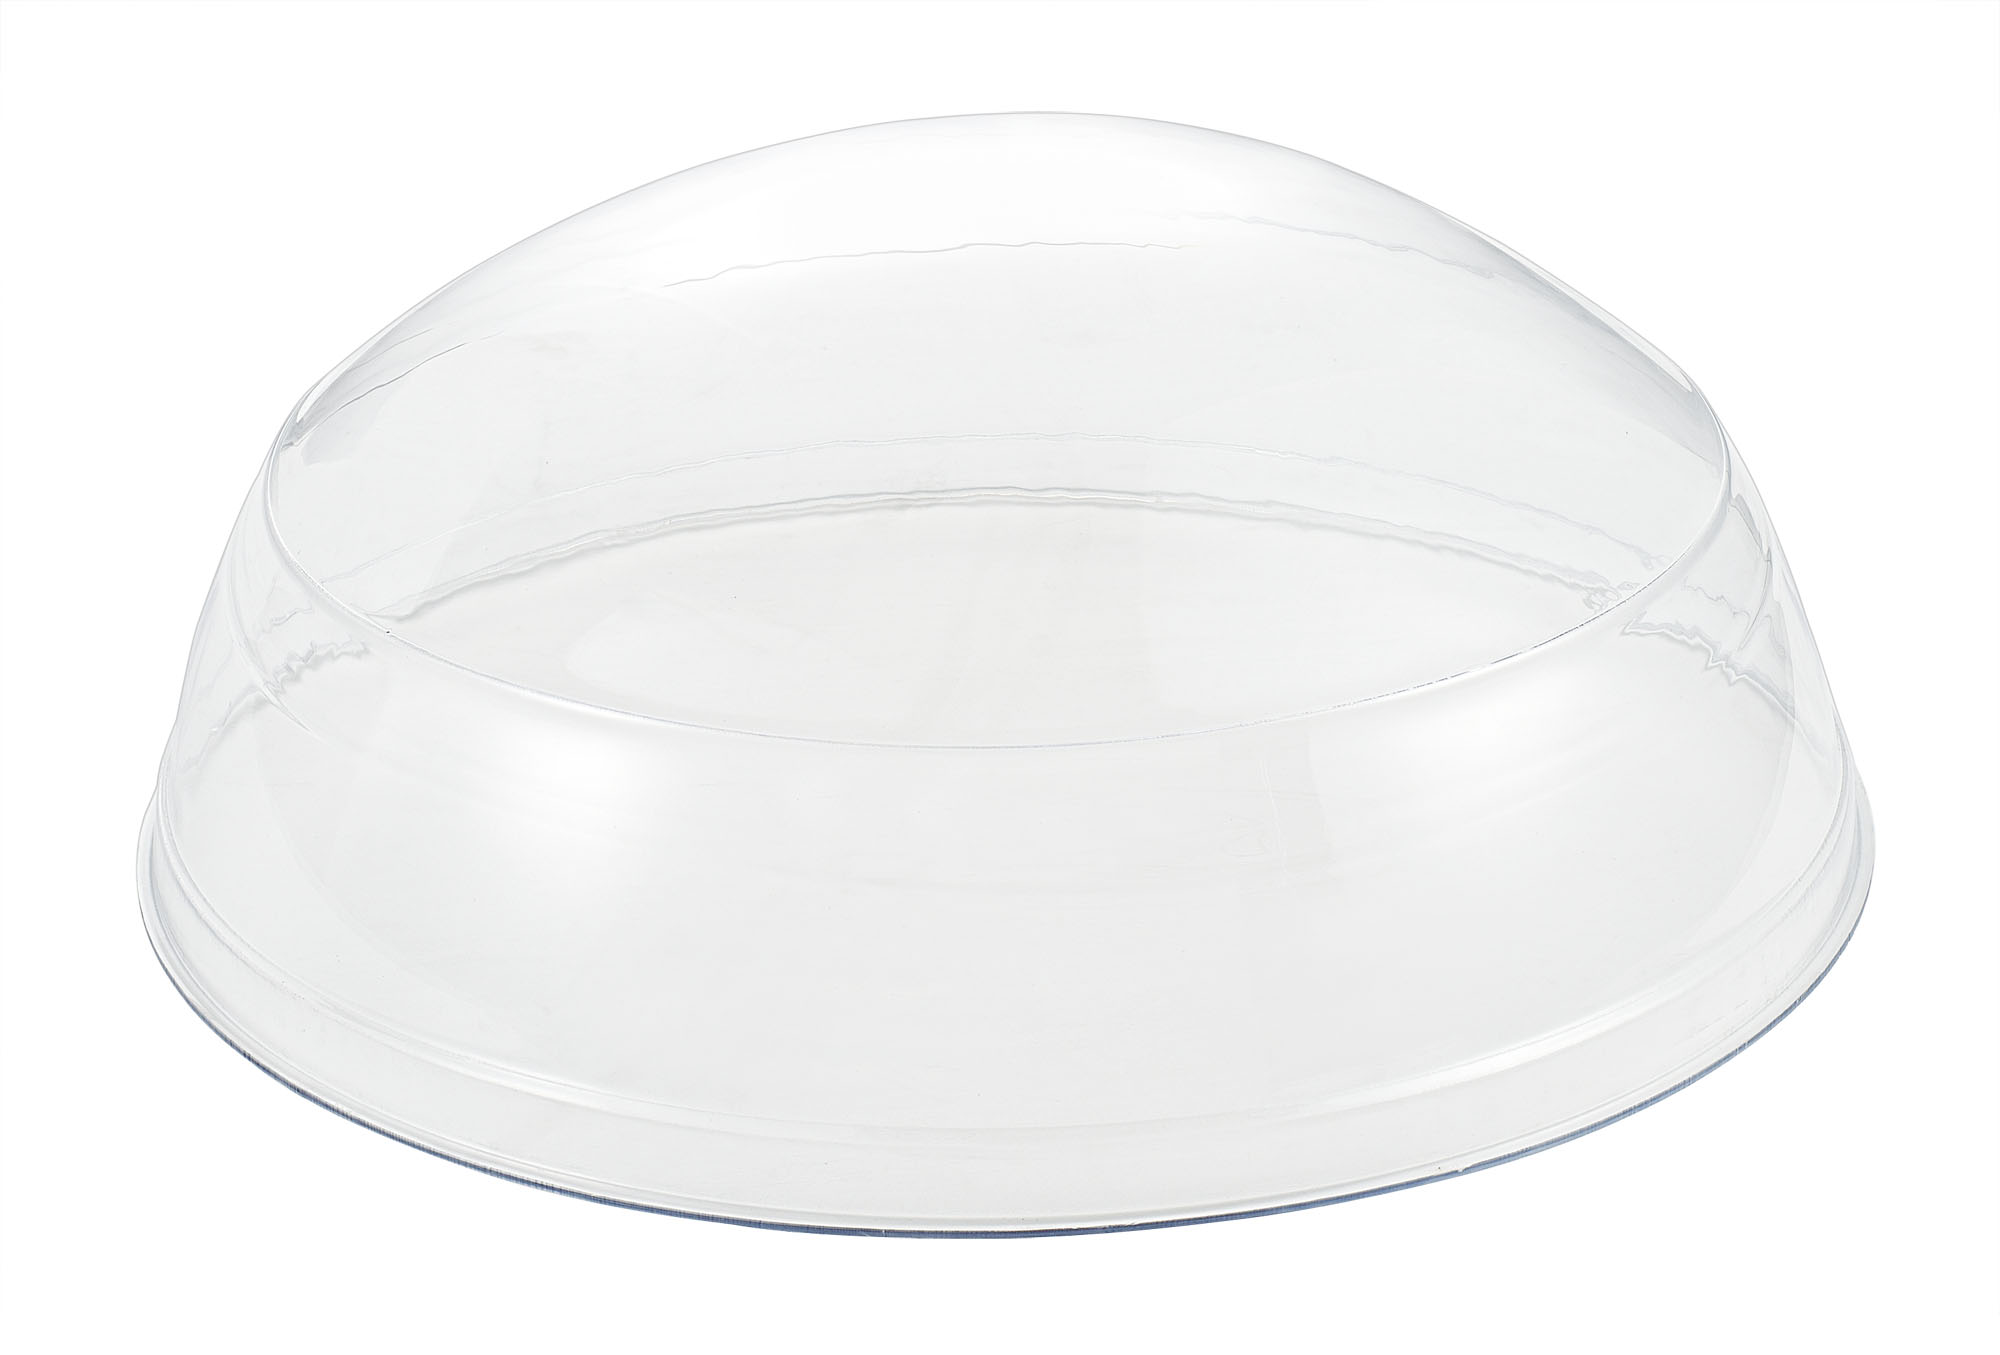 半球形采光罩-导光管采光系统